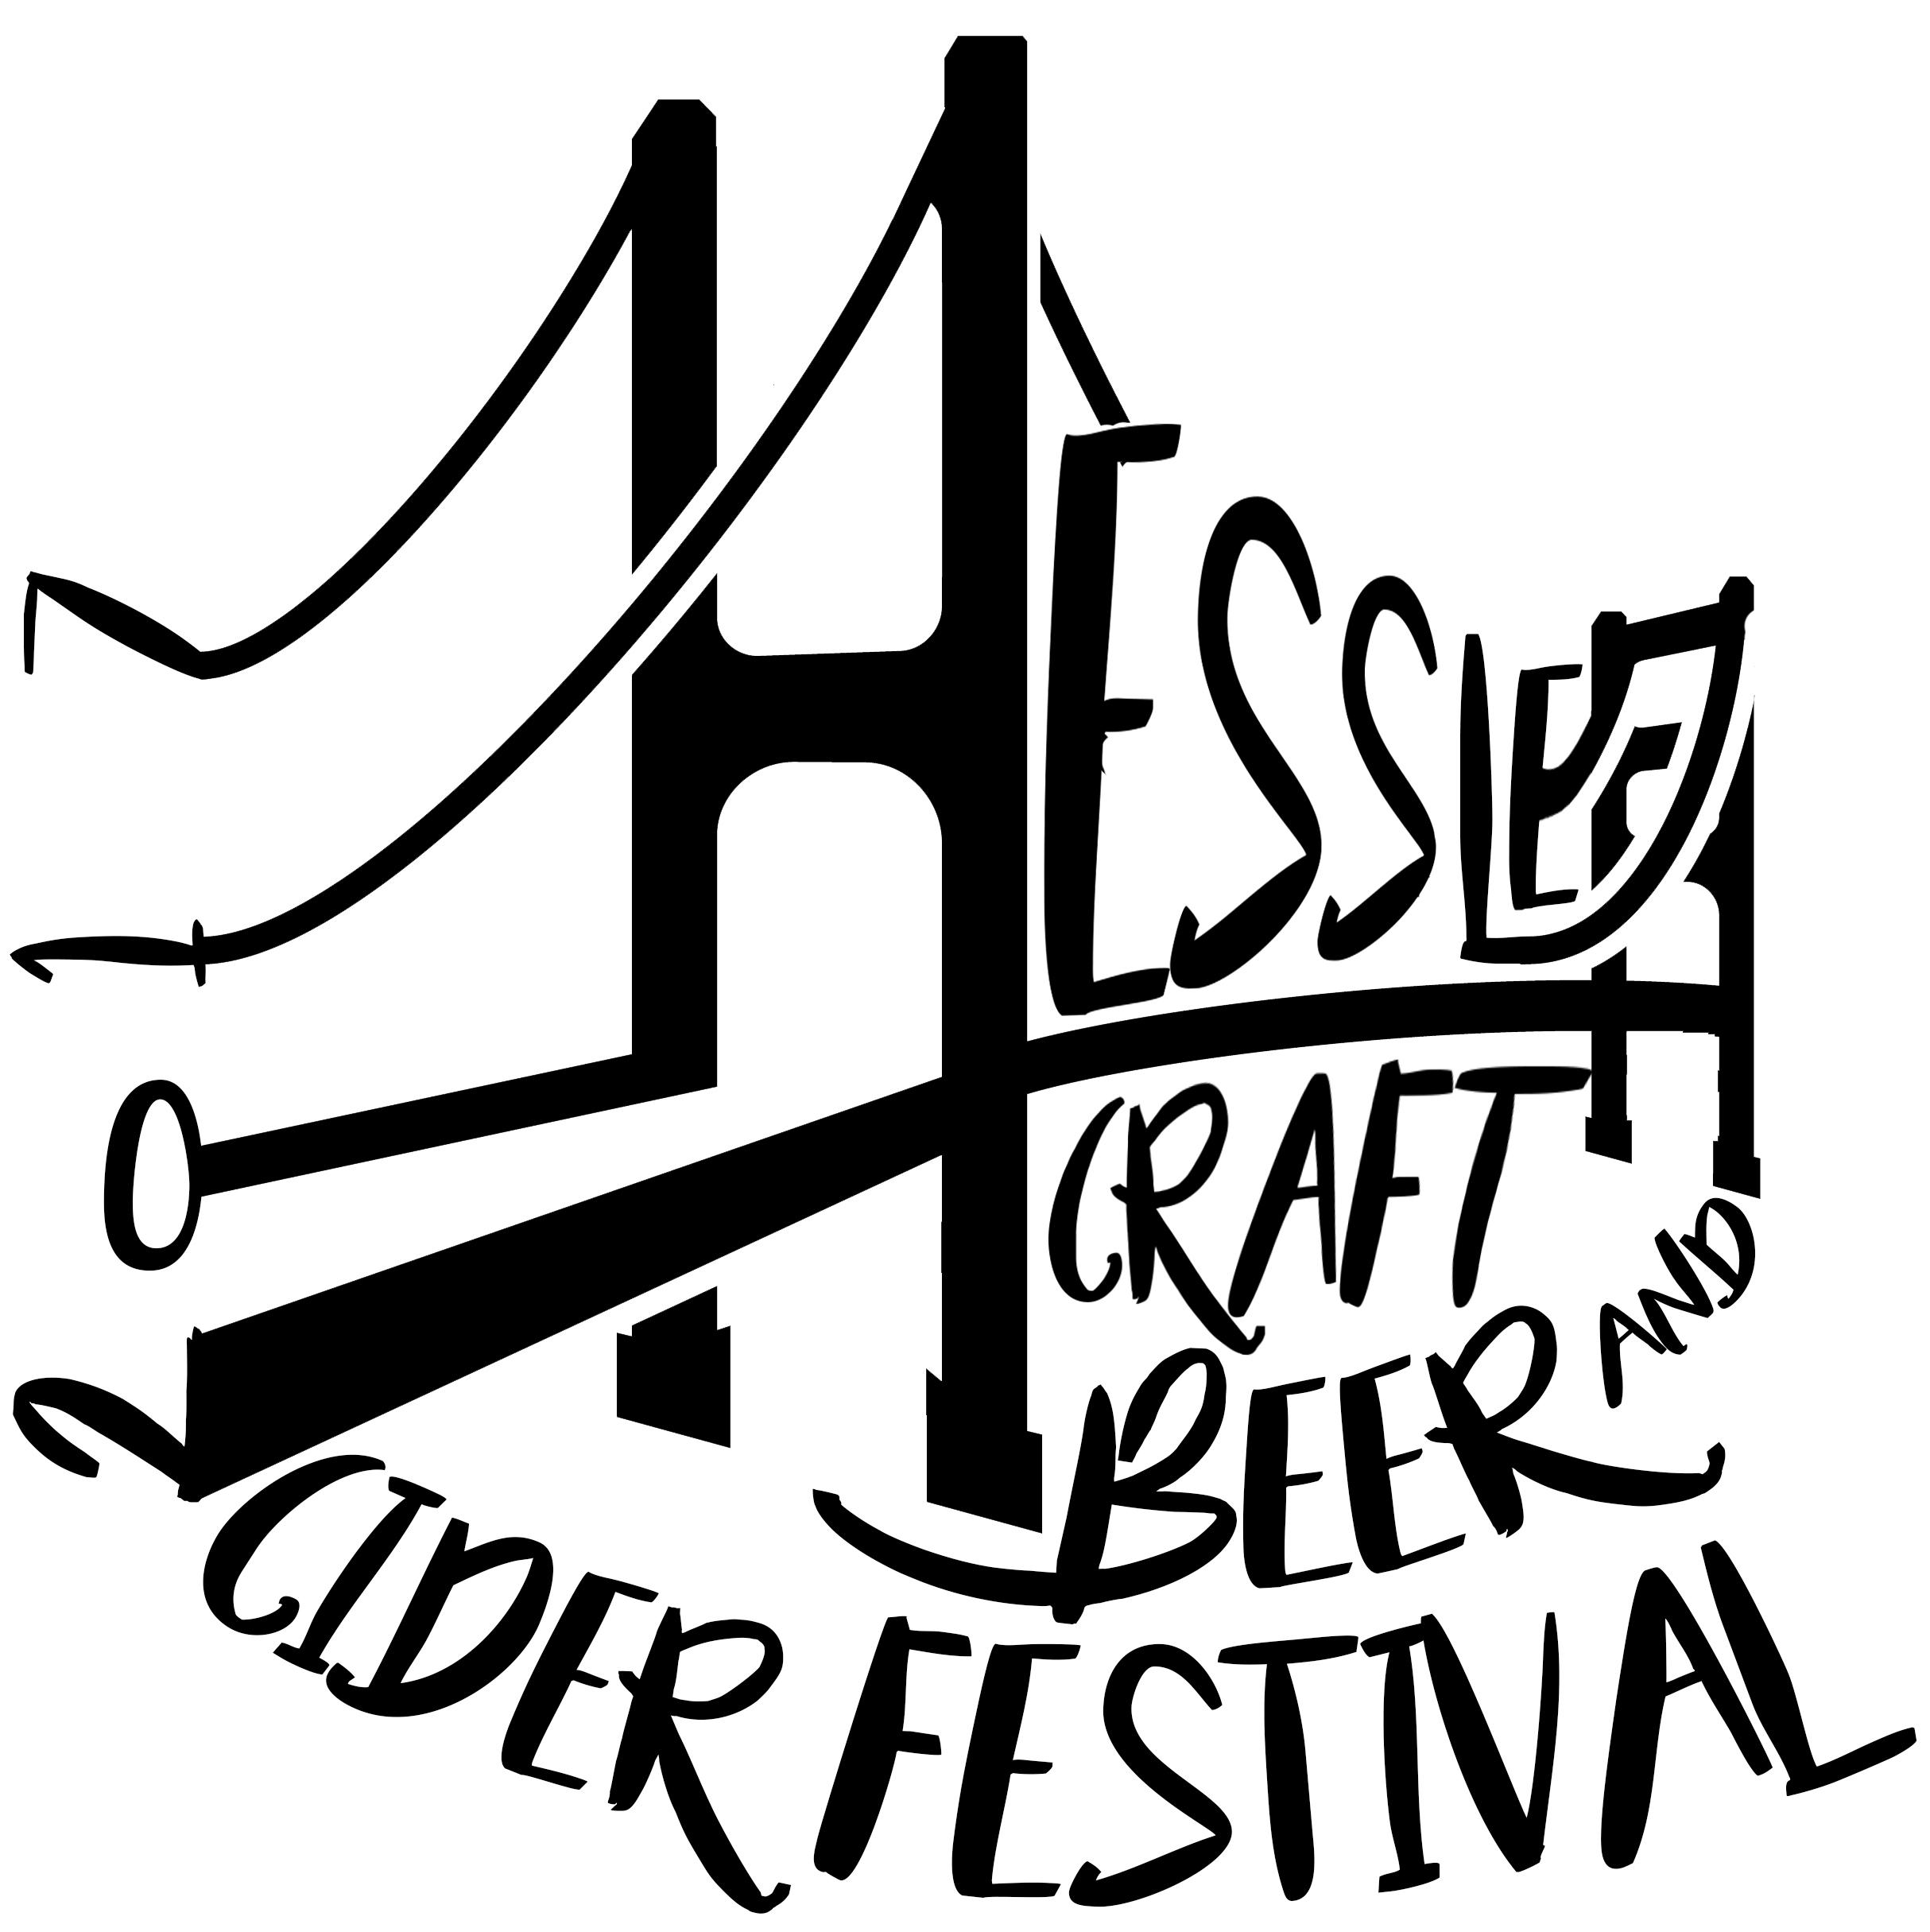 Hessle Craft Beer and Cider Festival